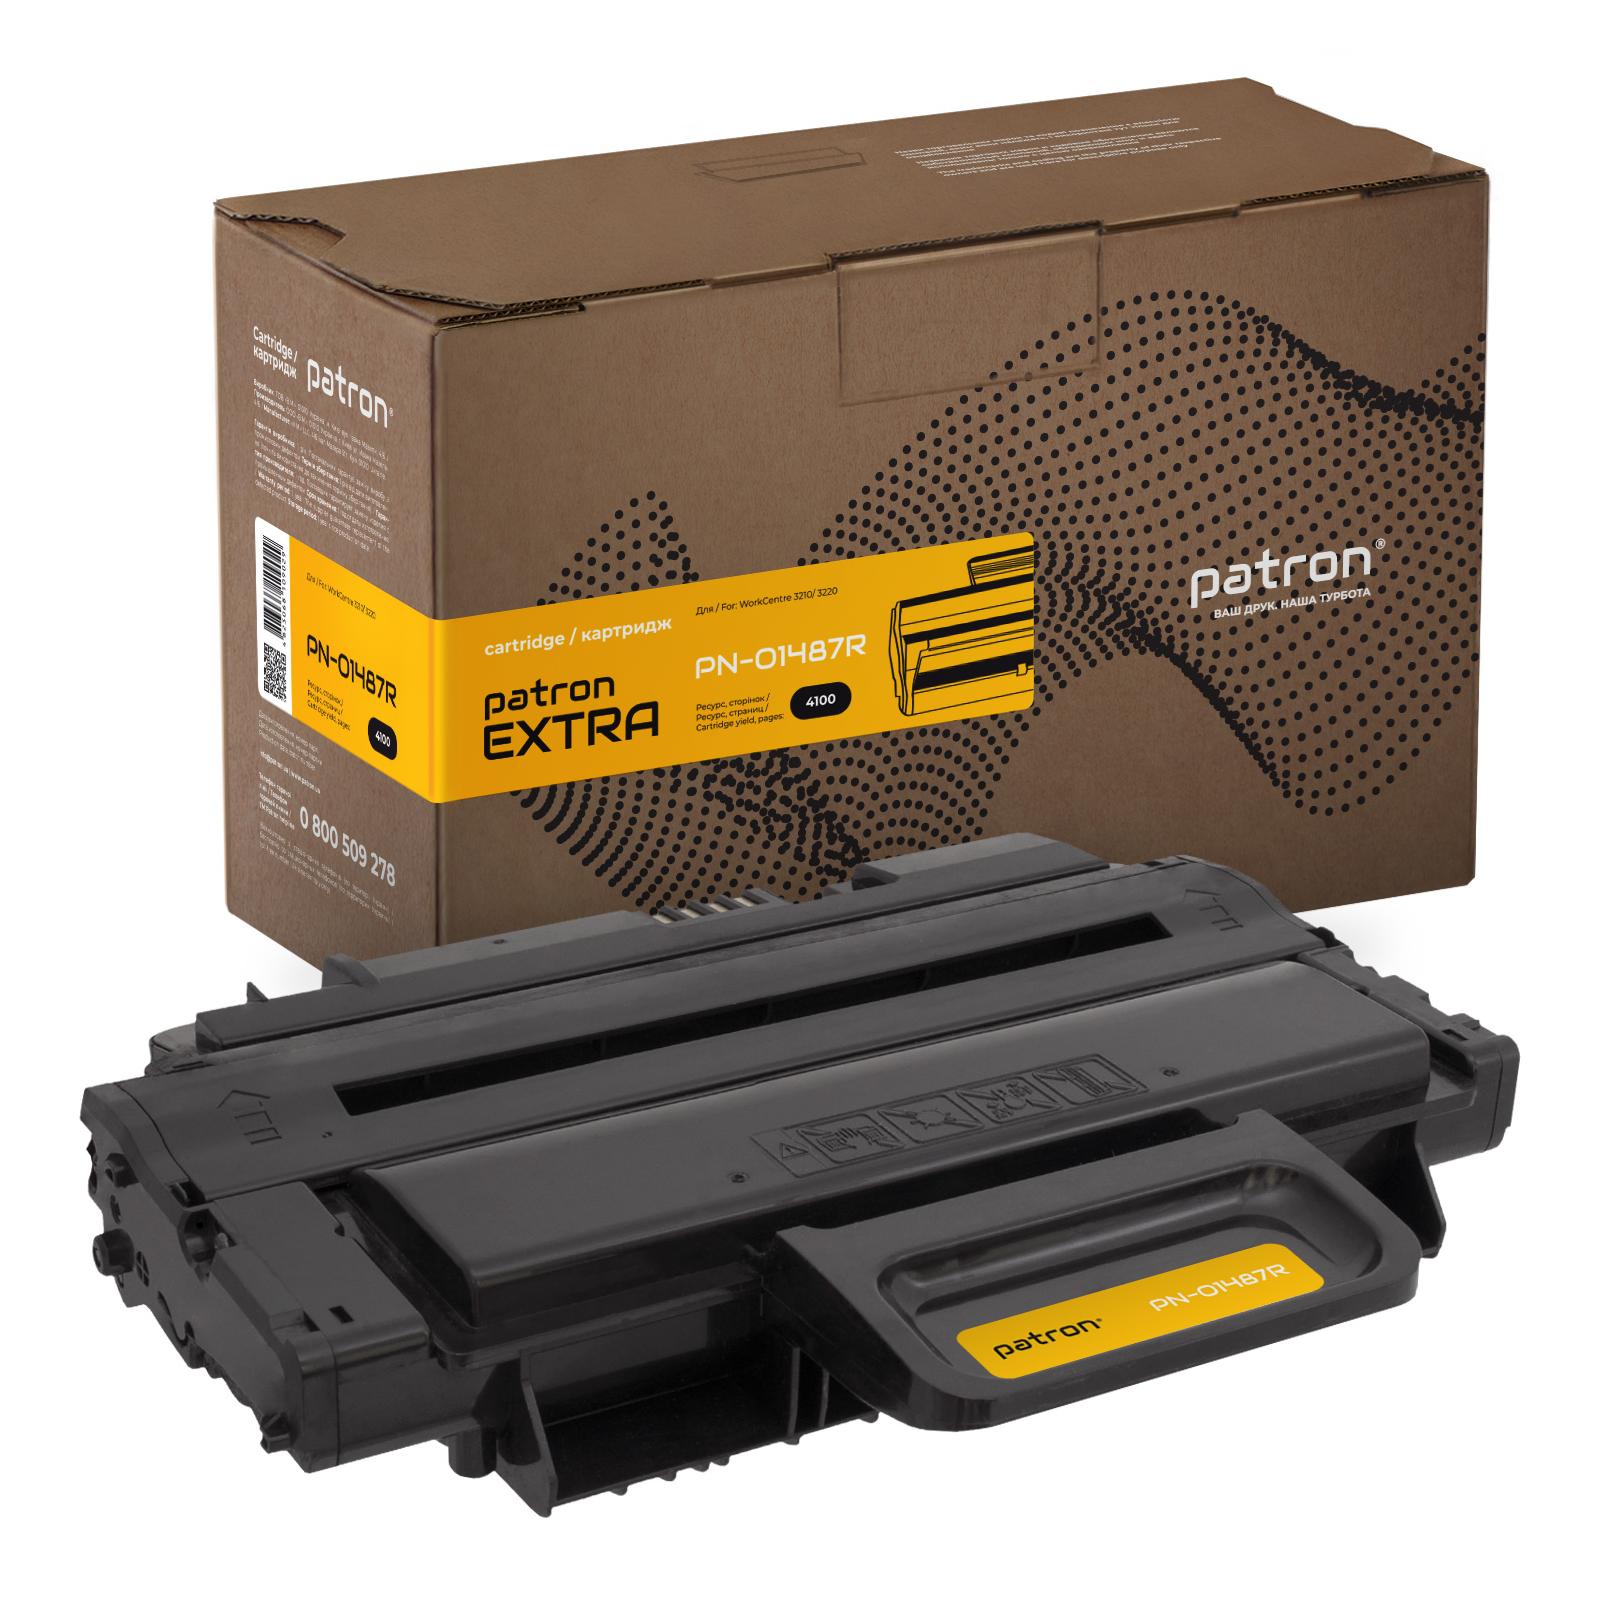 Картридж PATRON XEROX WC 3210 (PN-01487R) 106R01487 Extra (CT-XER-106R01487-PNR)